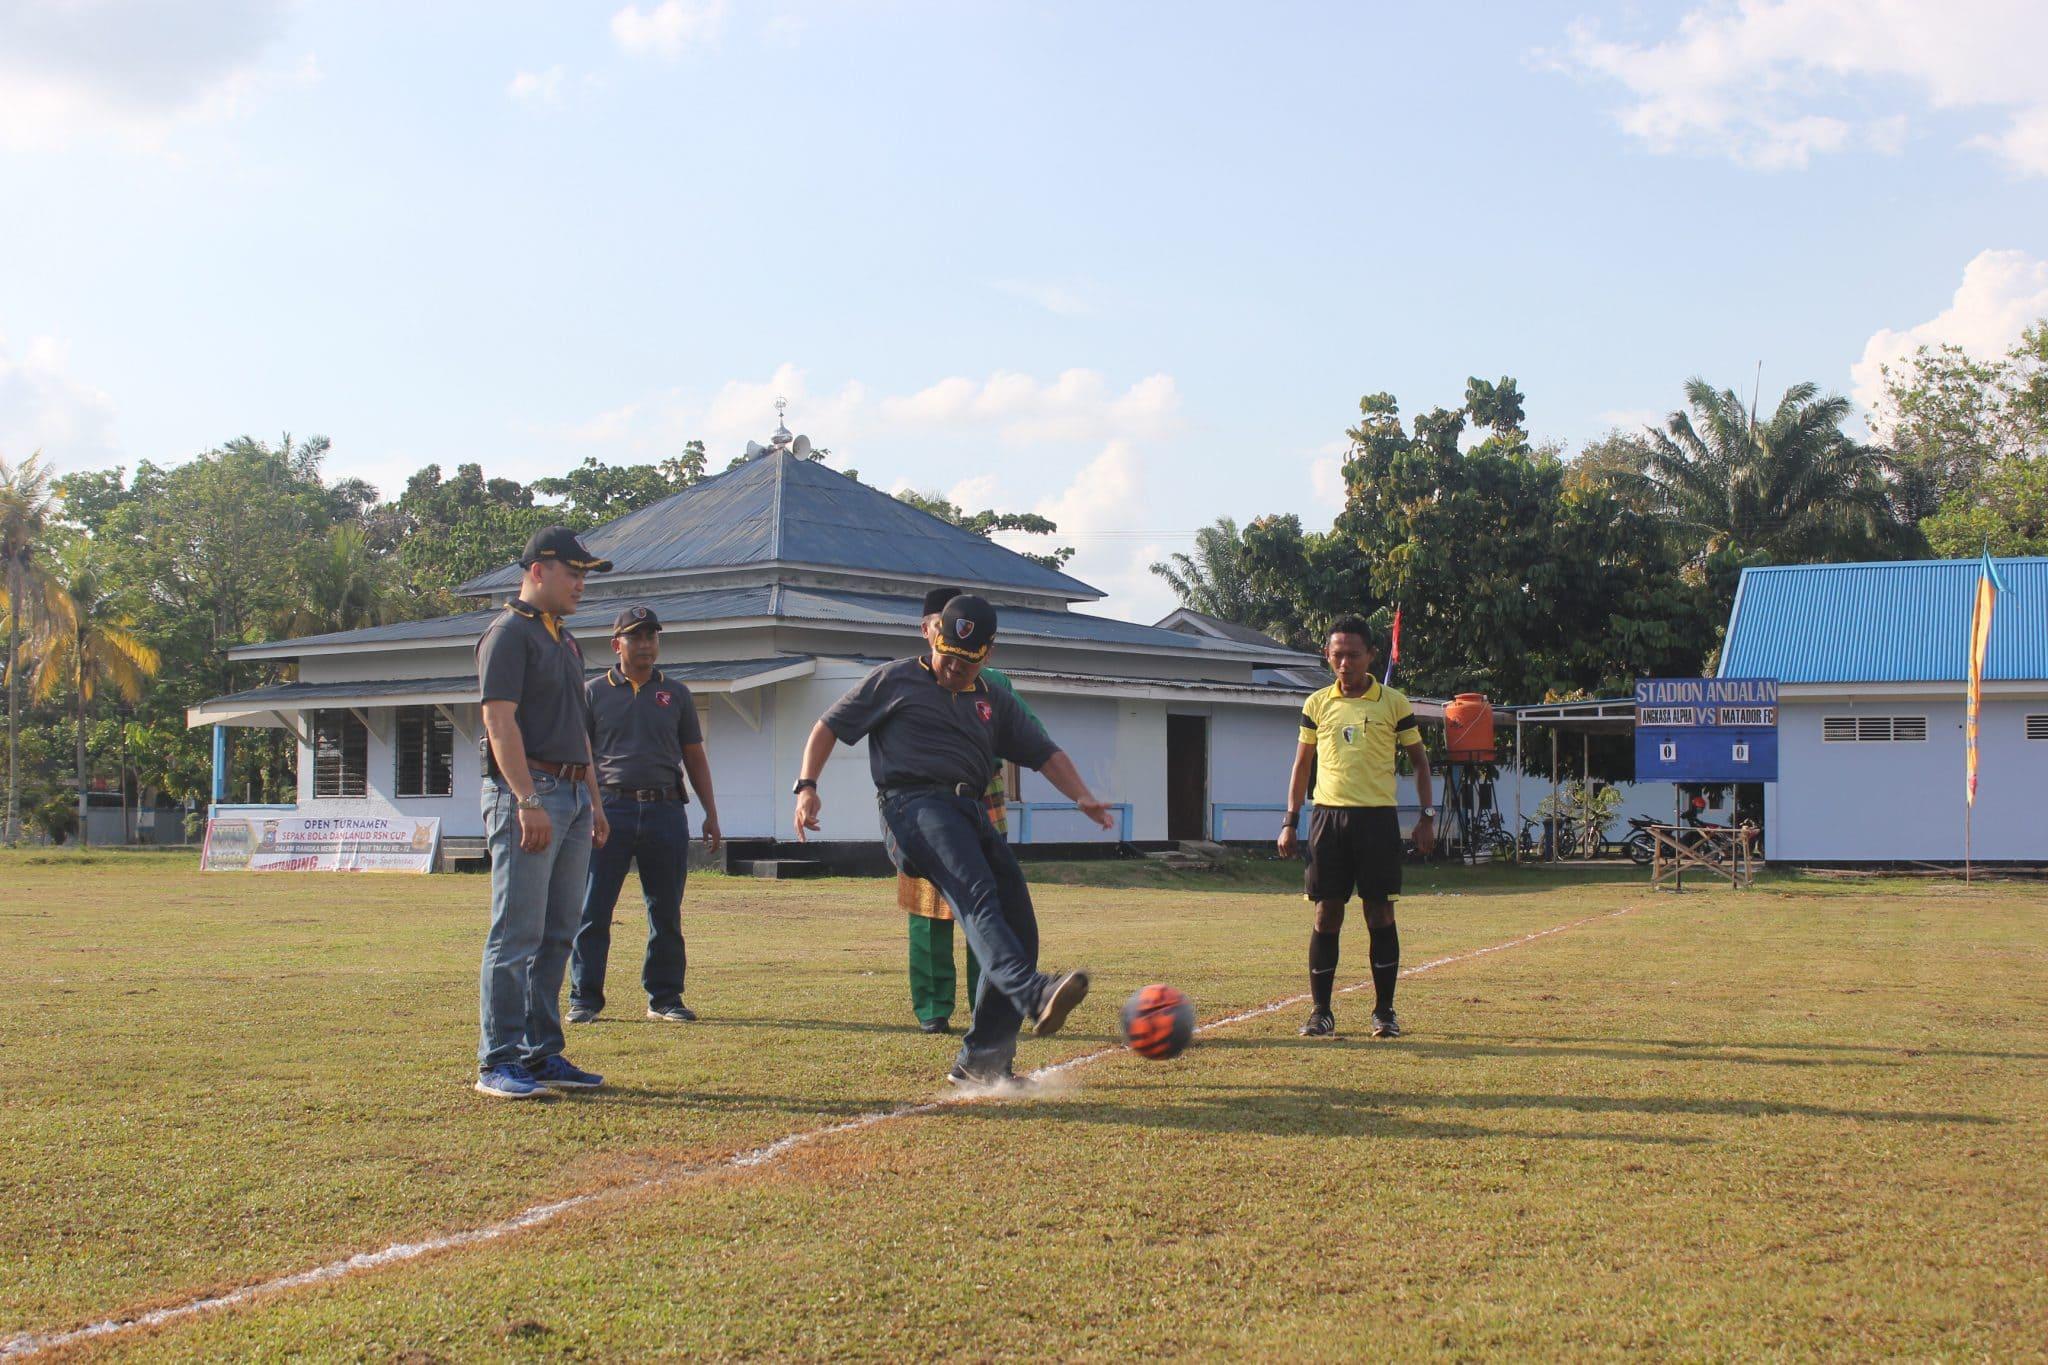 Turnamen Sepakbola Danlanud Cup II Lanud Rsn Resmi Dimulai